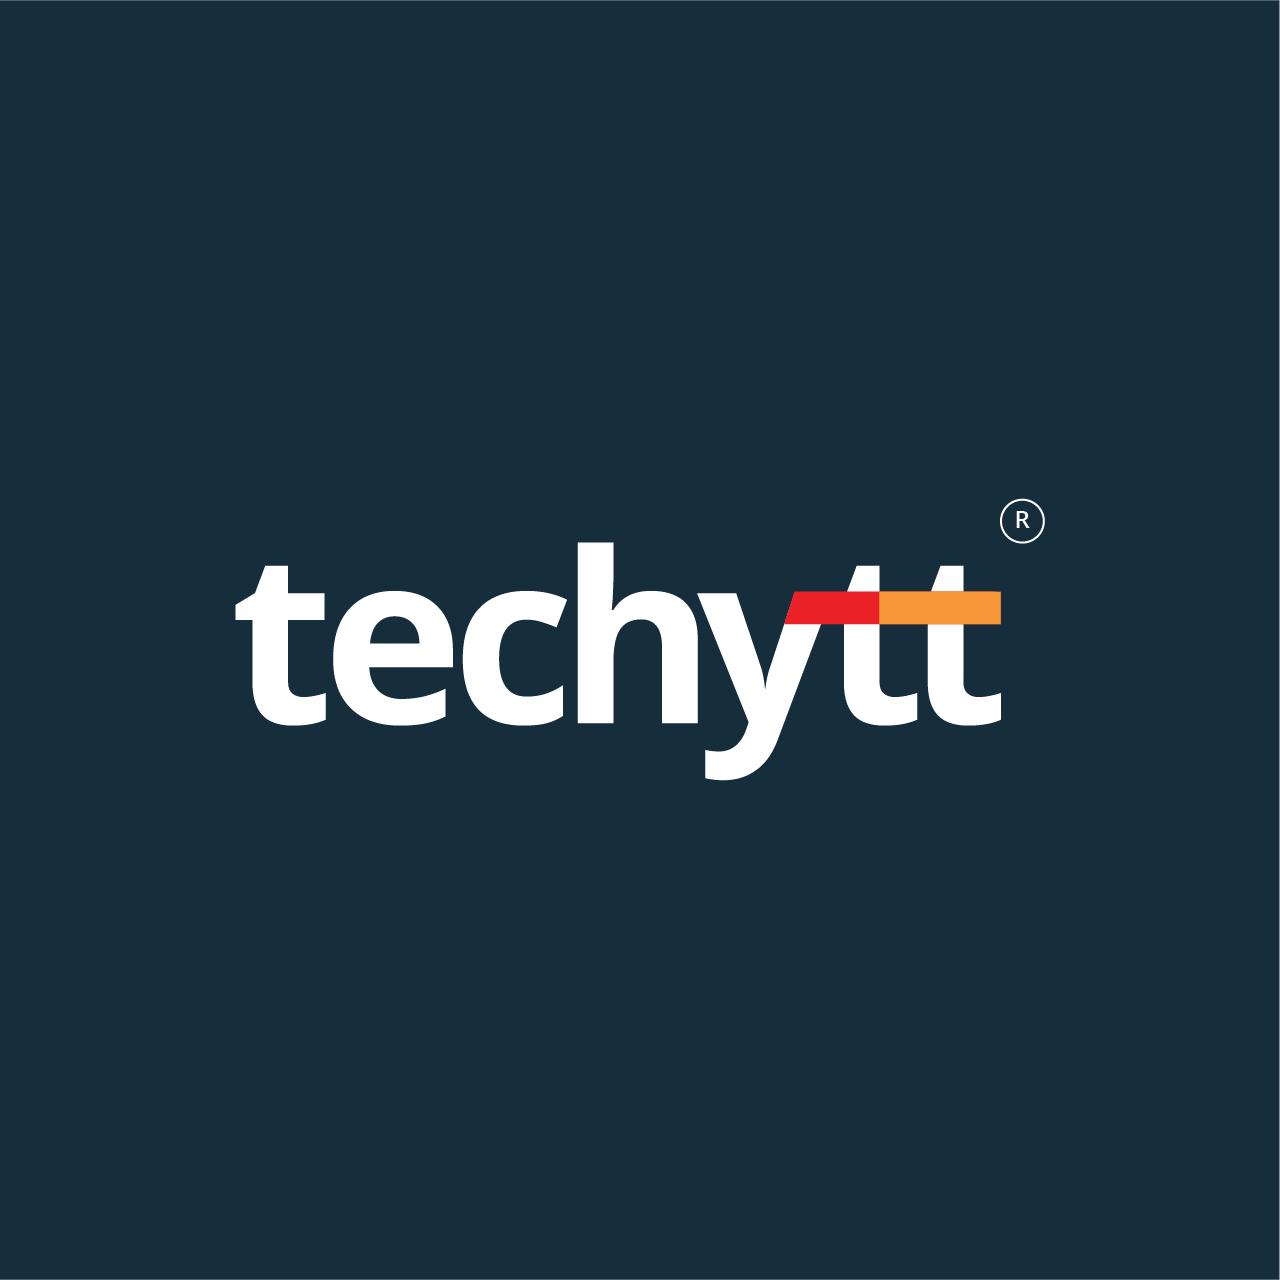 Techytt Logo